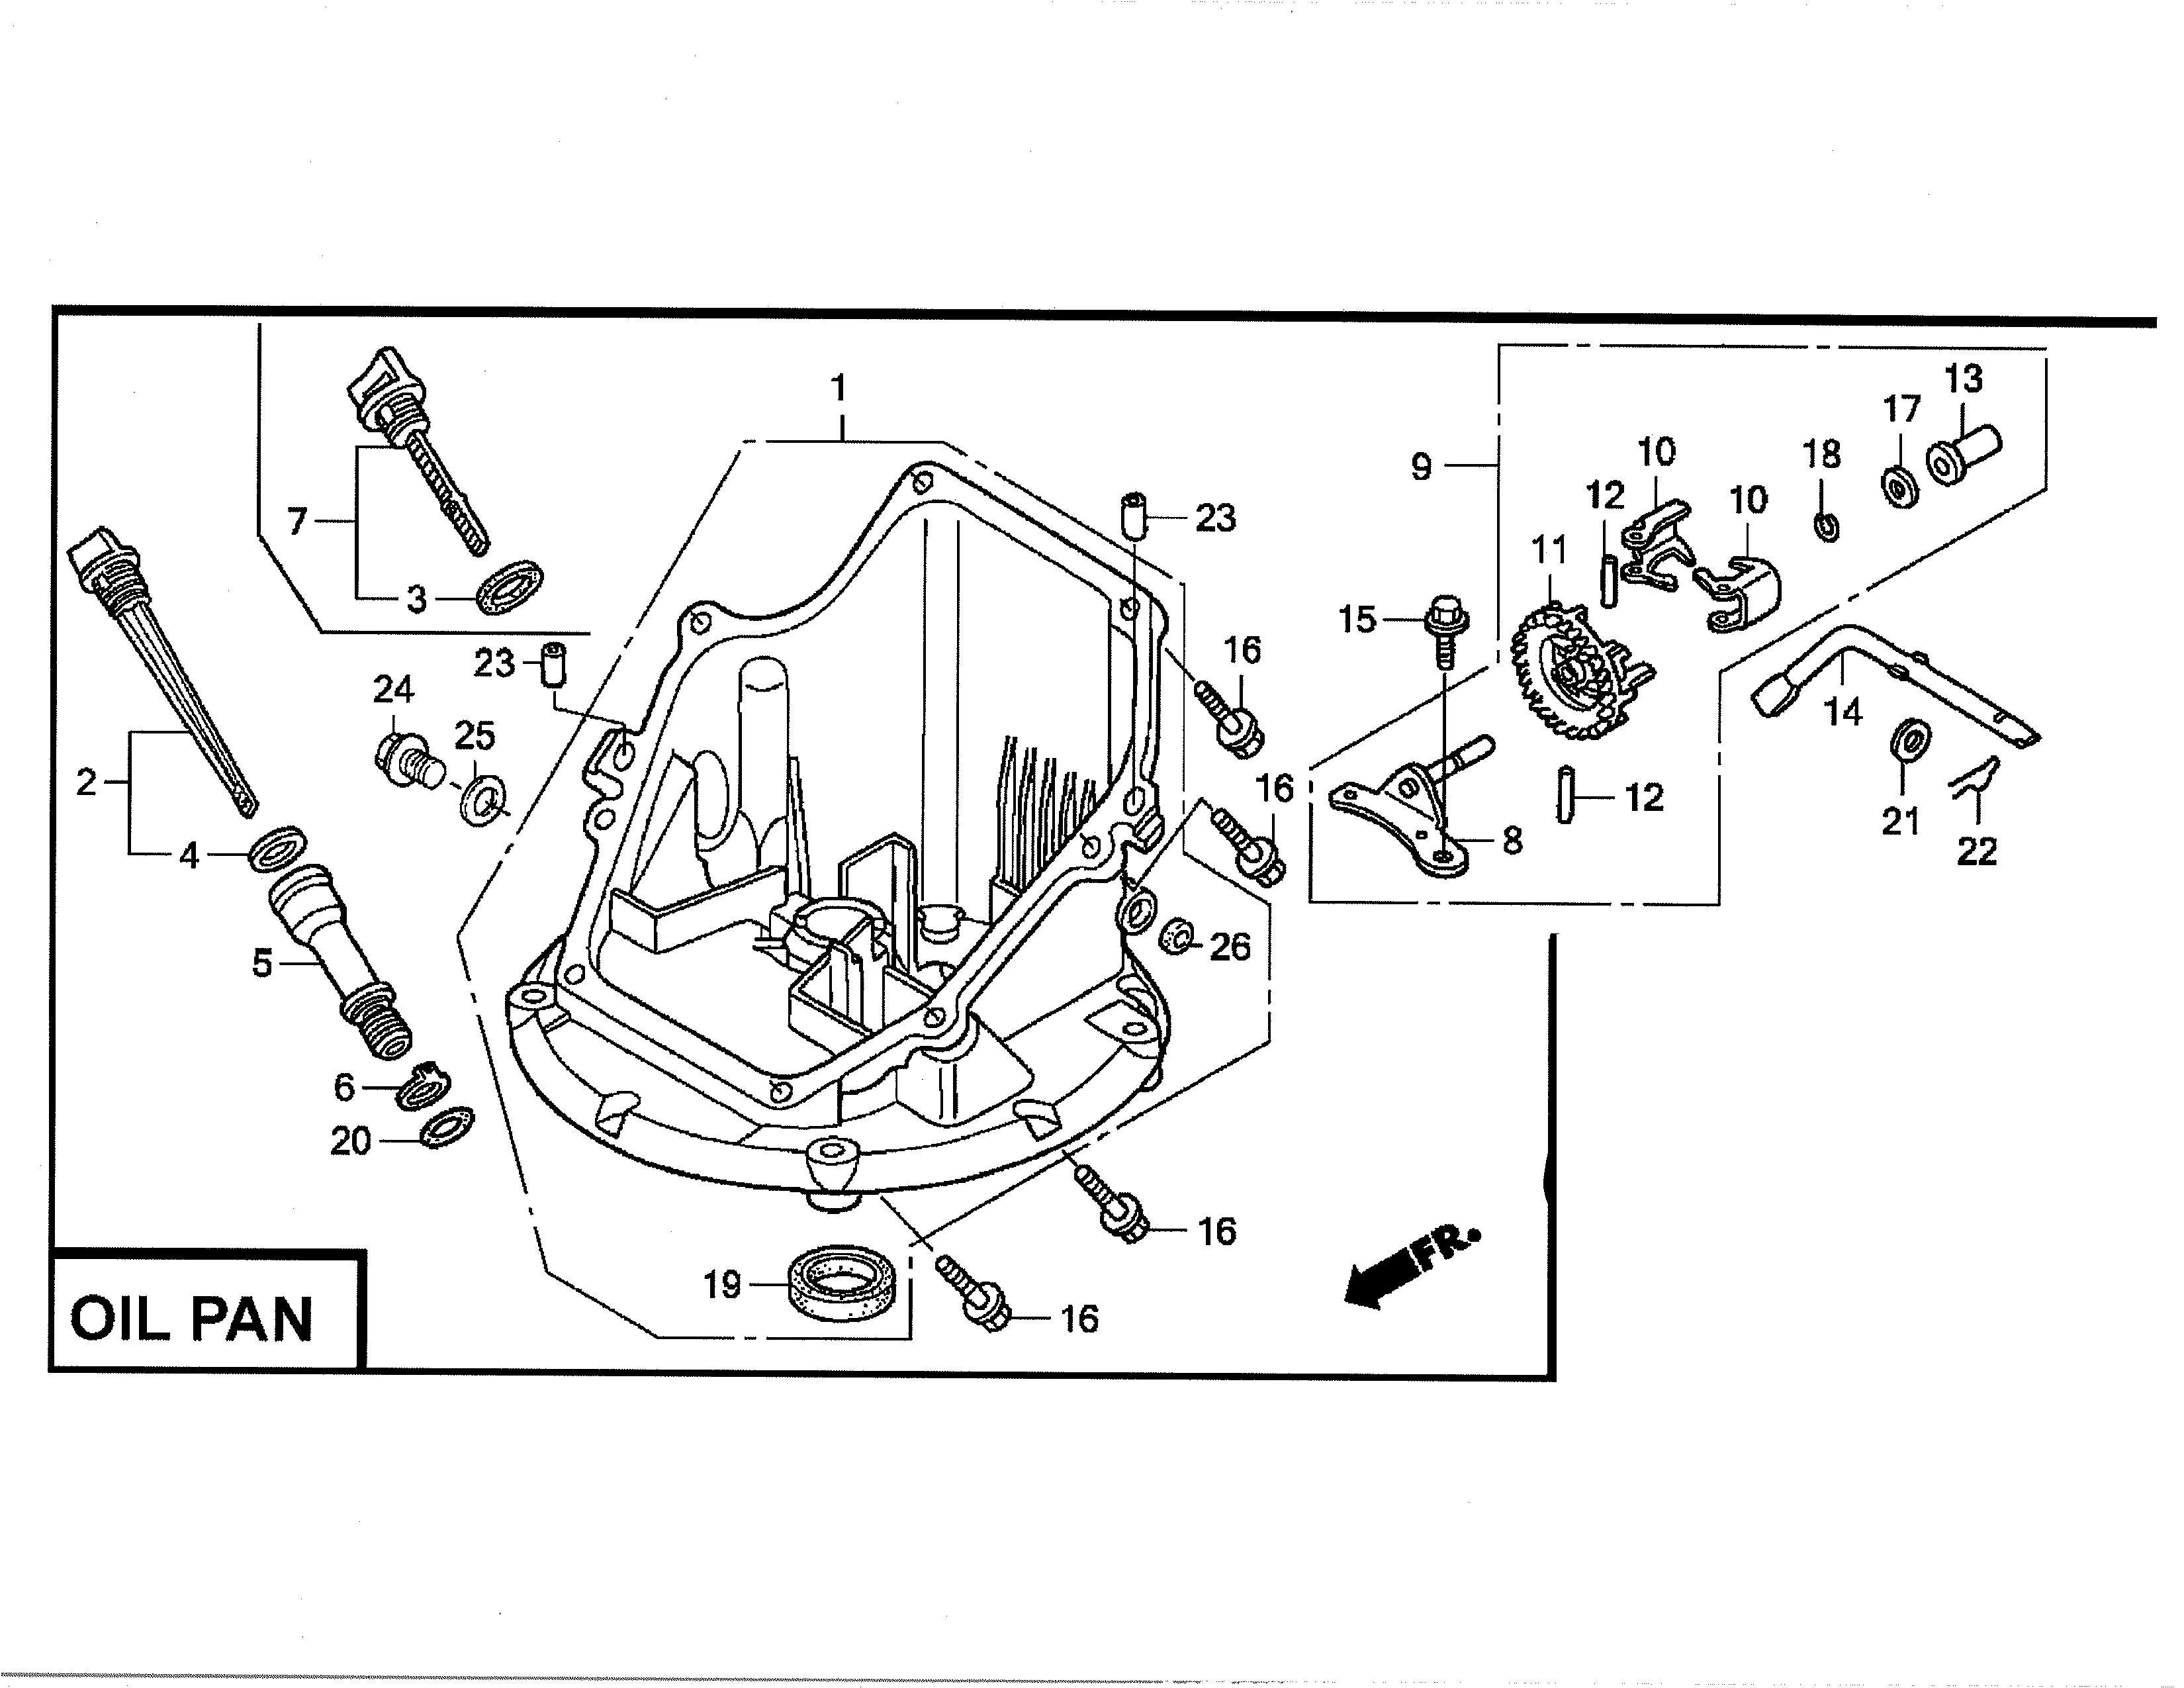 Honda Gcv160 Engine Diagram Honda Model Gcv160 Laos3a Engine Genuine Parts Of Honda Gcv160 Engine Diagram